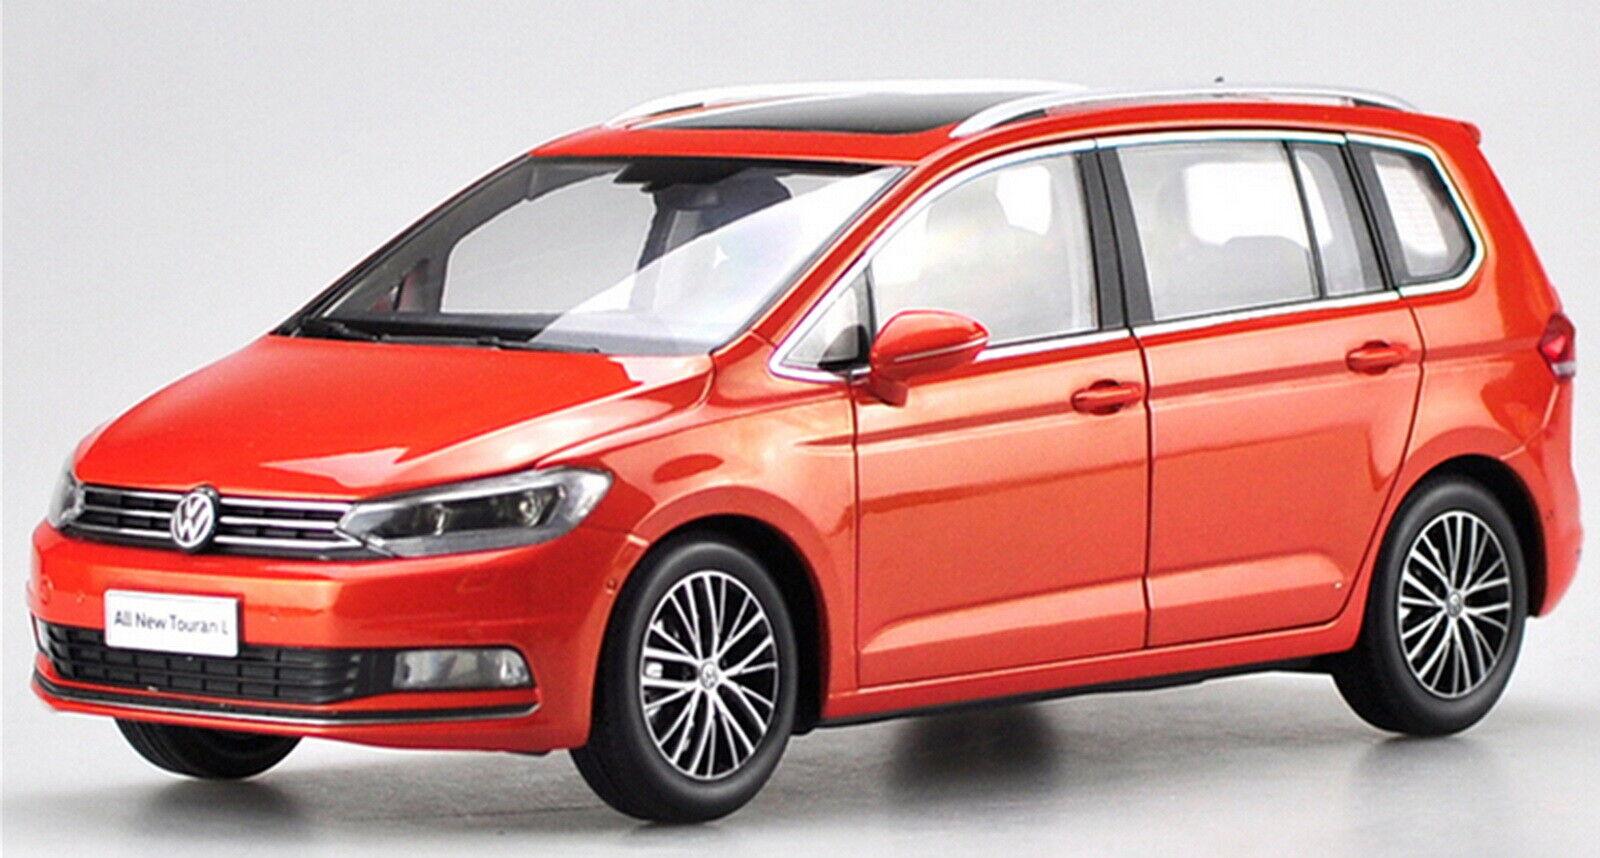 Échelle 1 18 VOLKSWAGEN TOURAN L 2016 rouge Diecast Car Model Toy collection